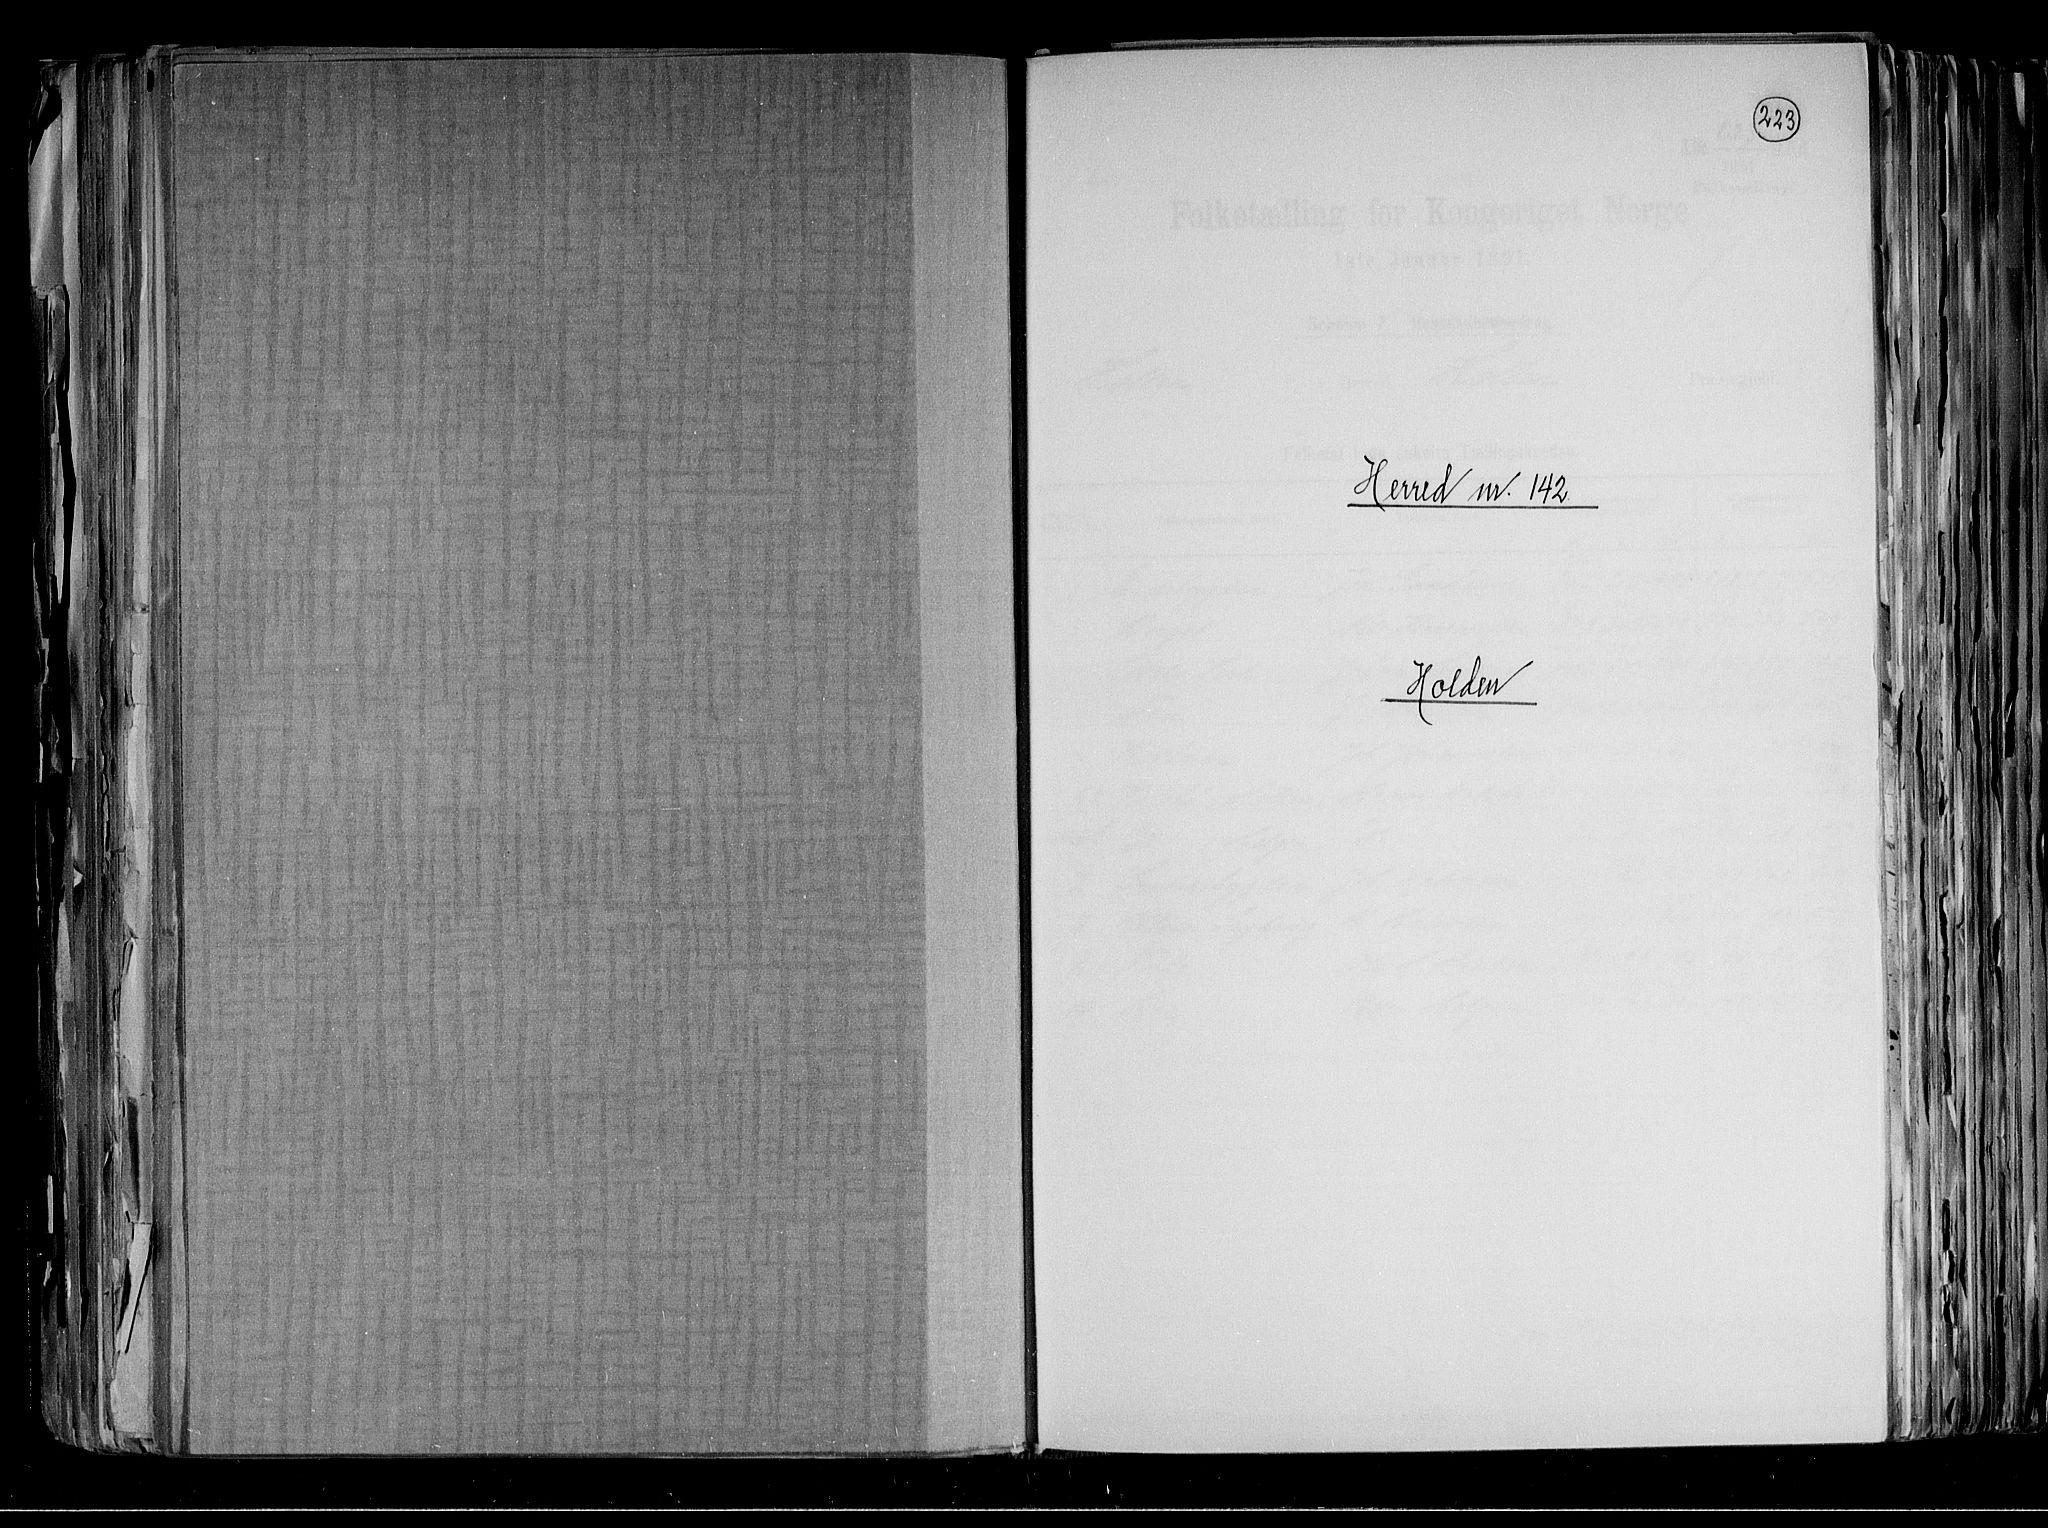 RA, Folketelling 1891 for 0819 Holla herred, 1891, s. 1